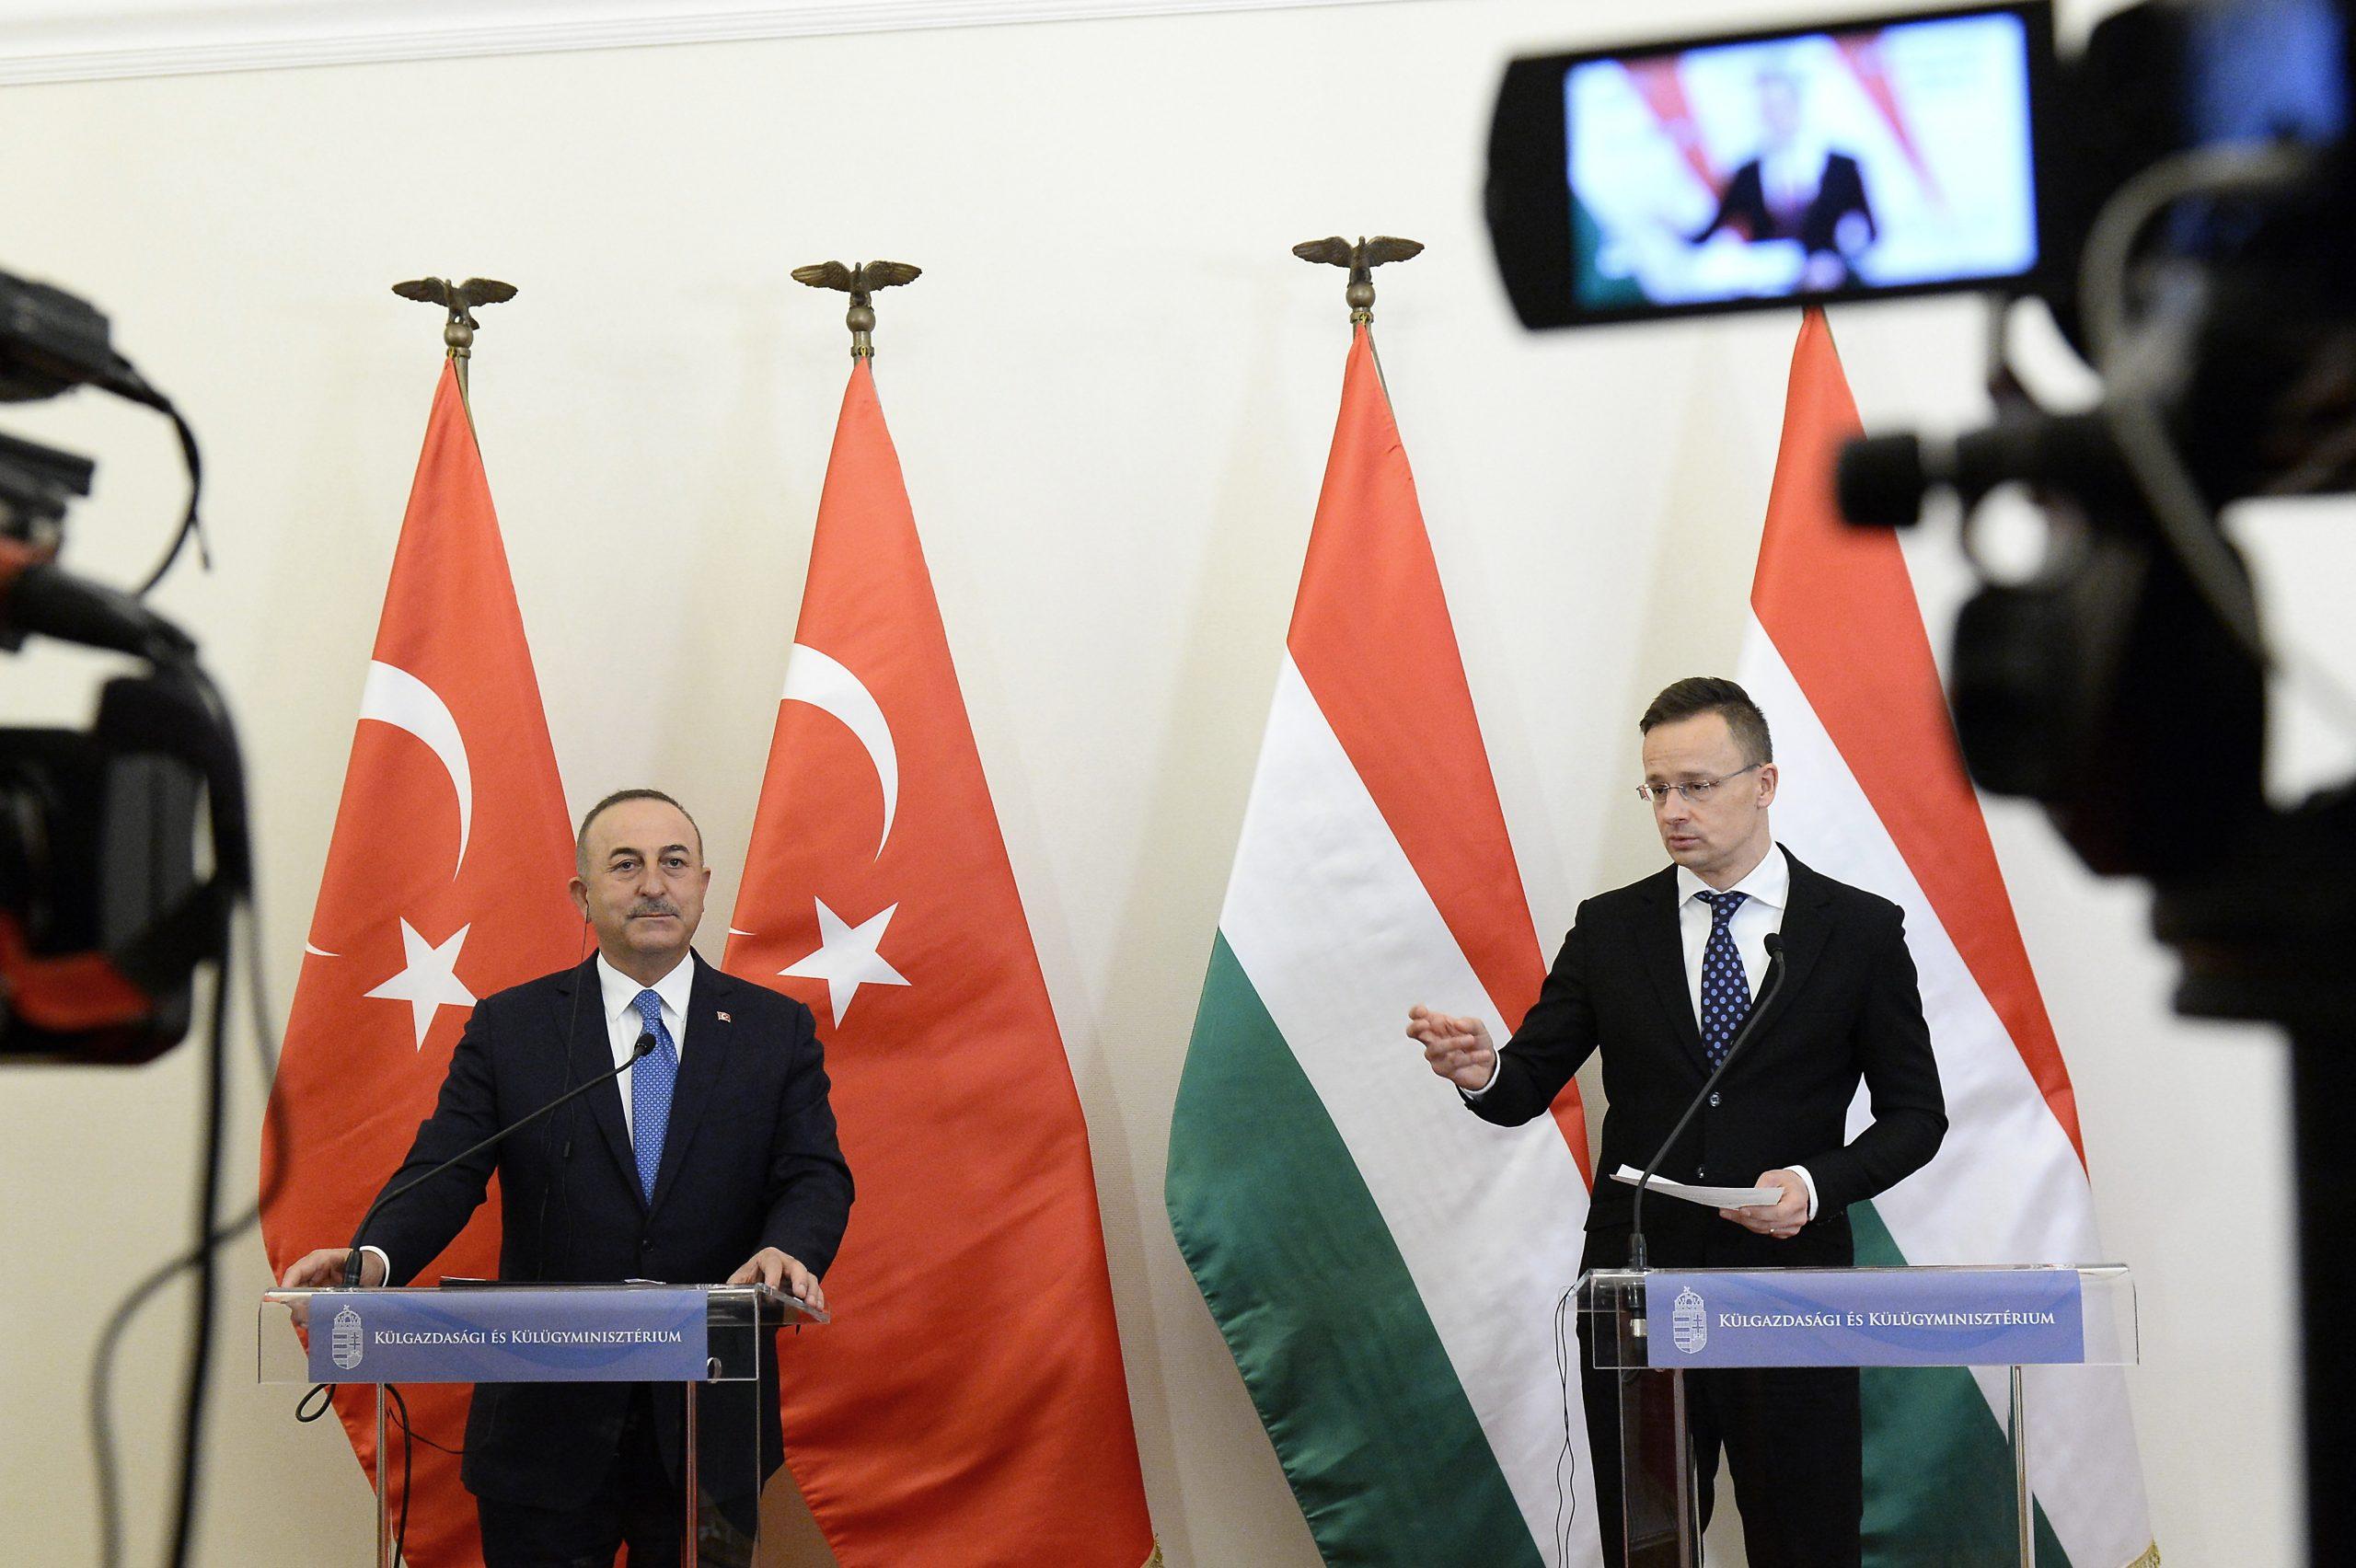 Dışişleri Bakanı Szijjártó AB siyasilerini Türkiye'yi eleştirmemeleri konusunda uyardı